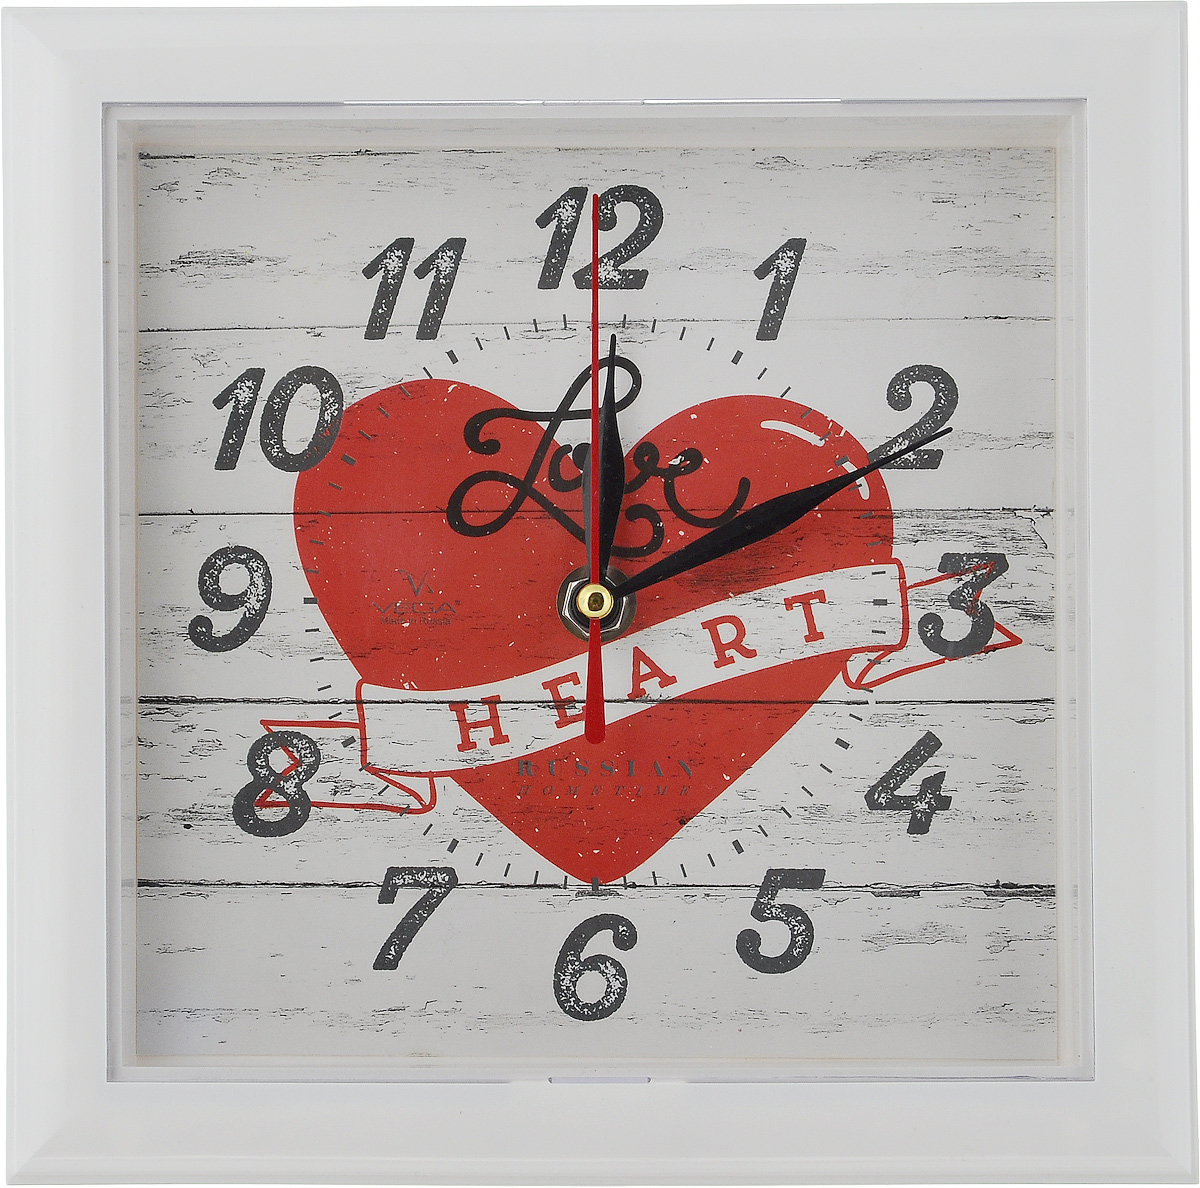 Часы настенные Вега Сердце, 20,6 х 20,6 х 3,5 см94672Настенные кварцевые часы Вега Сердце, изготовленные из пластика, прекрасно впишутся в интерьер вашего дома. Часы имеют три стрелки: часовую, минутную и секундную, циферблат защищен прозрачным стеклом. Часы работают от 1 батарейки типа АА напряжением 1,5 В (не входит в комплект).Размер часов: 20,6 х 20,6 х 3,5 см.